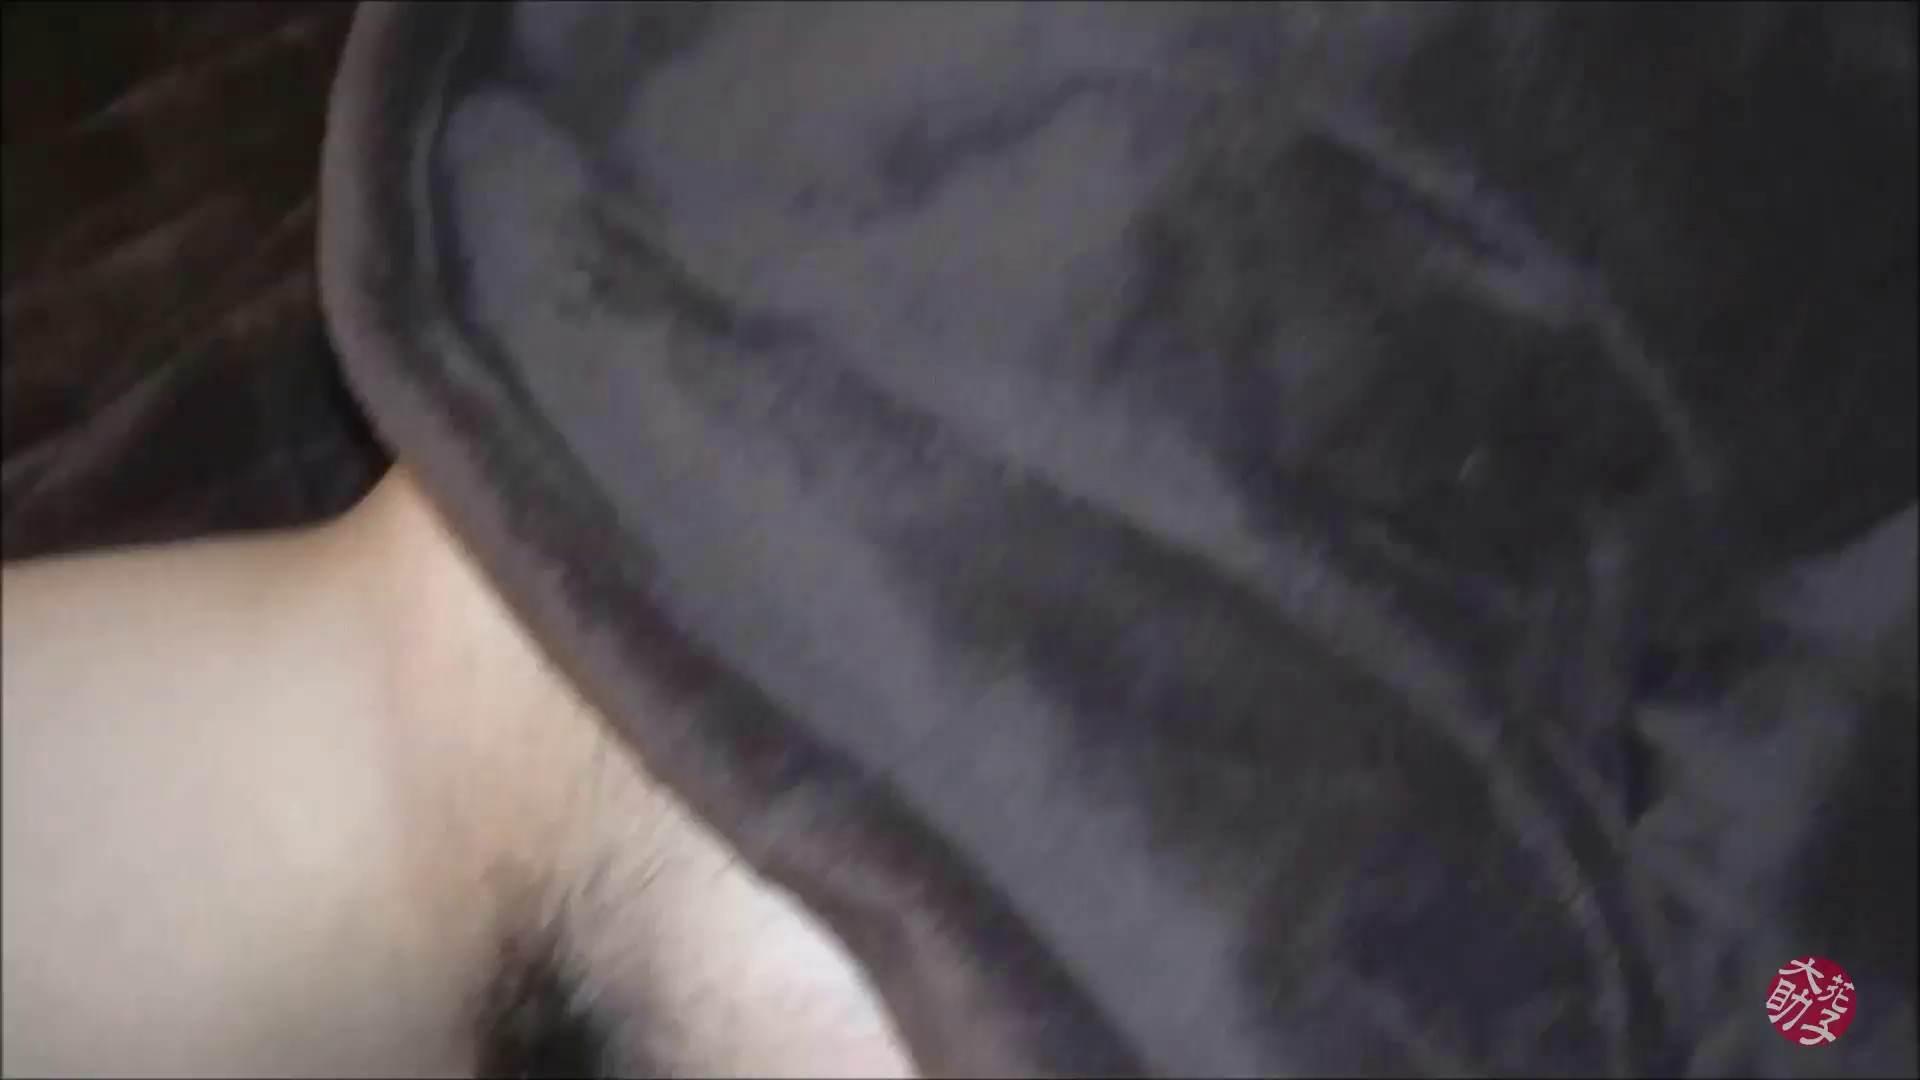 【未公開】vol.110 {黒髪Fカップ炉利}フミカちゃん① キャバ嬢 おまんこ無修正動画無料 74画像 71